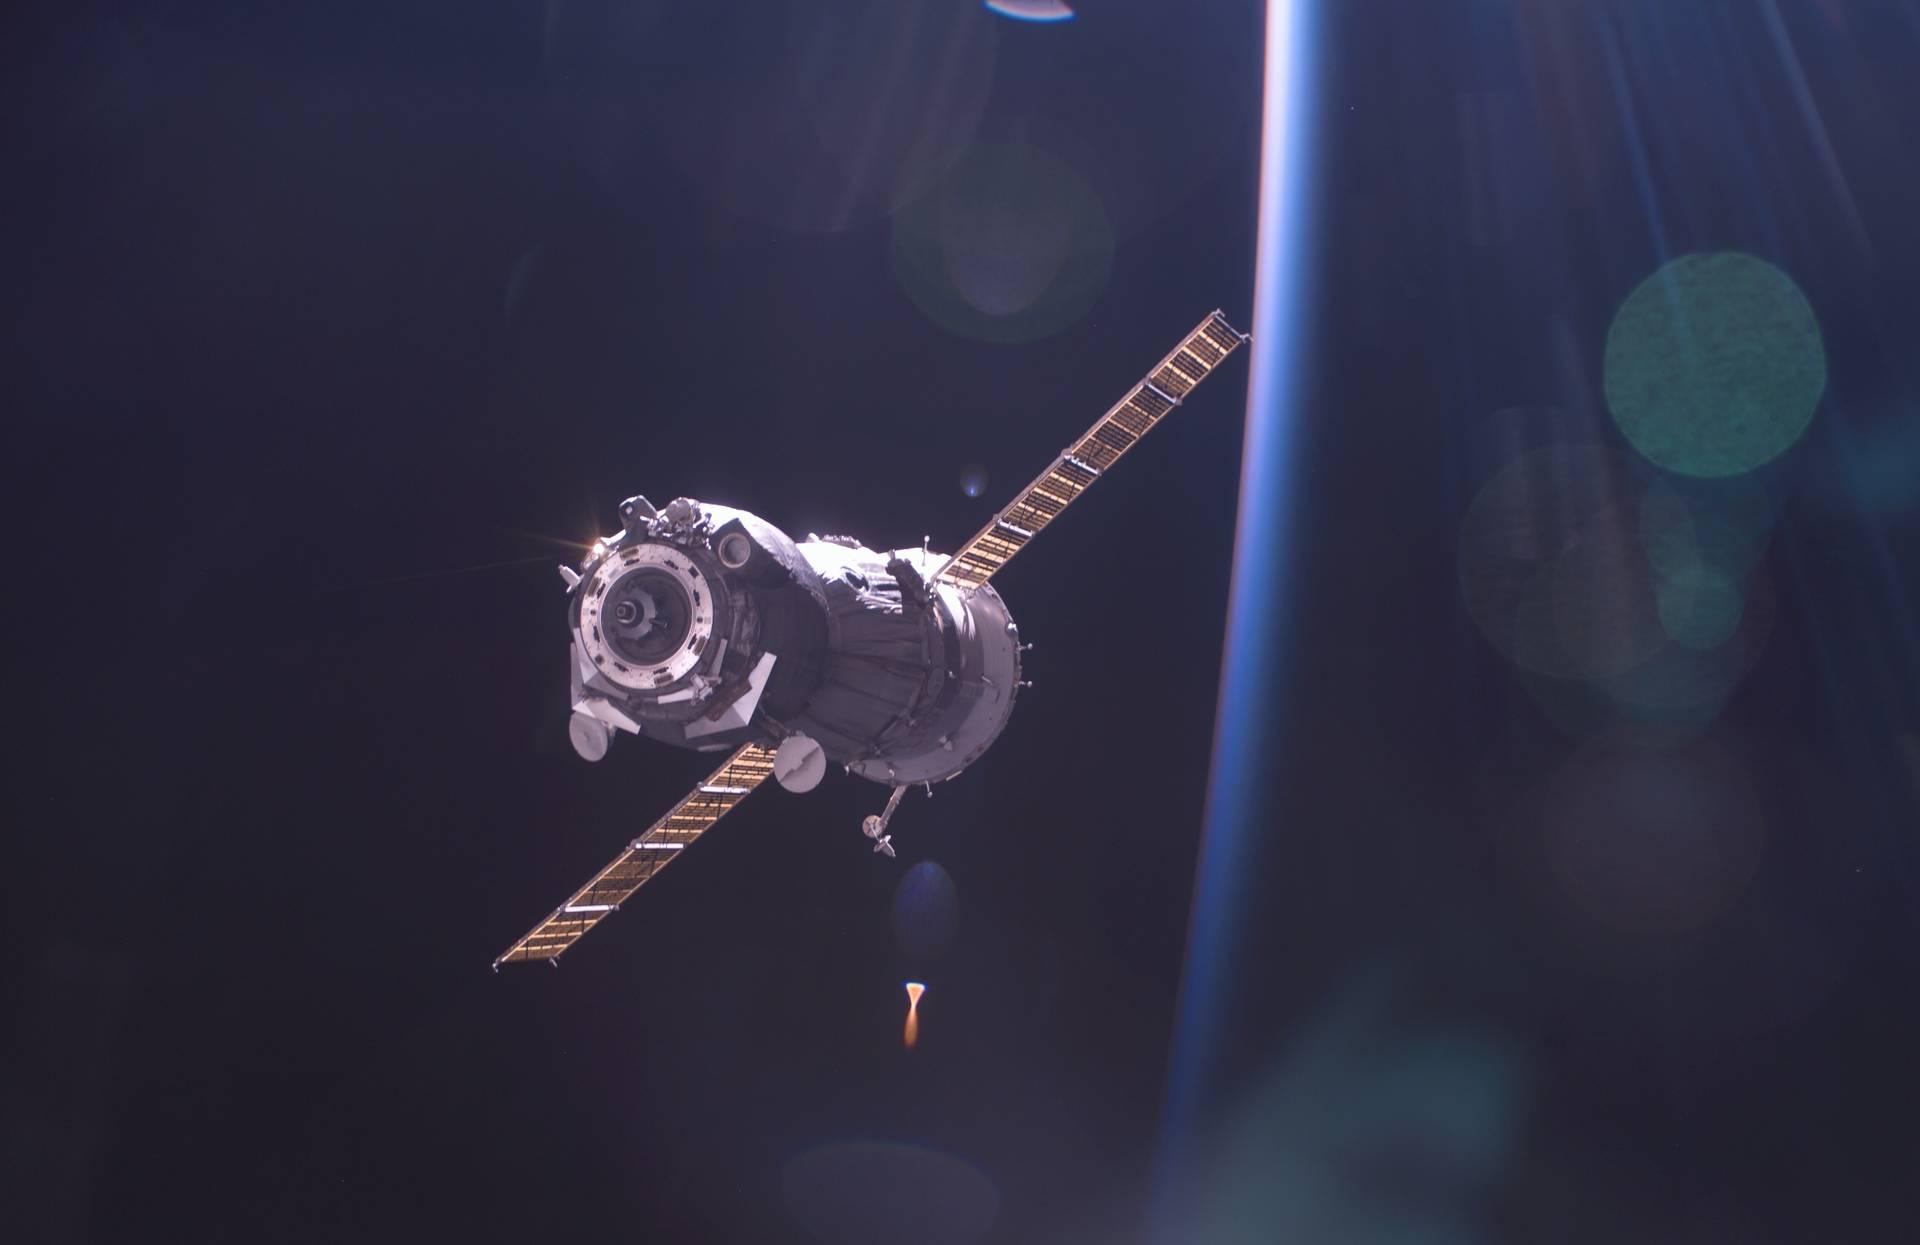 Kleines Bild: Ein Sojus-Raumschiff kurz vor dem Andocken. Großes Bild: Das Sojus-Raumschiff unmittelbar nach dem Docking von Alex und Crew. Bilder: NASA